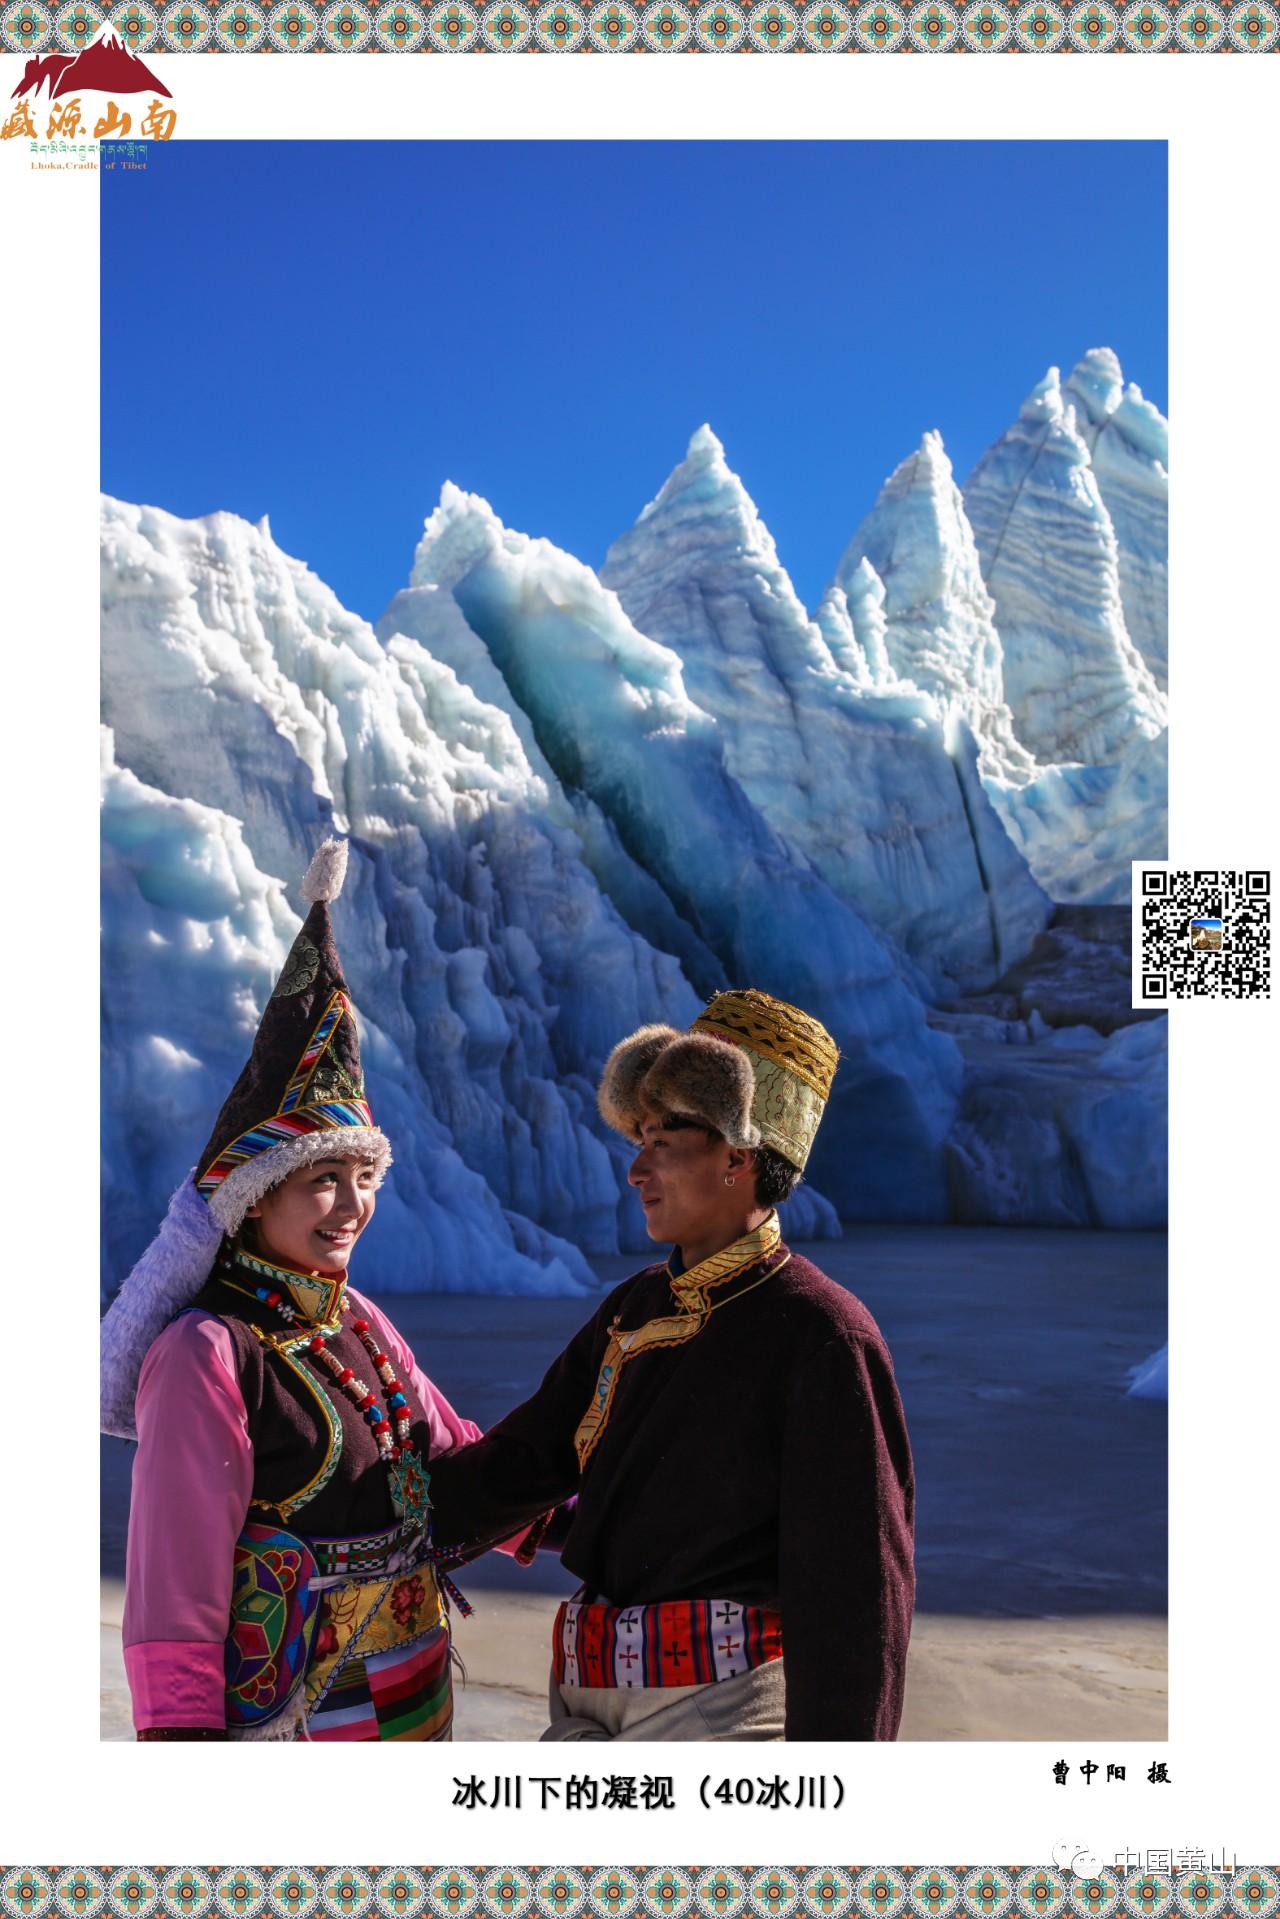 西藏山南旅游图片展(2):民俗文化